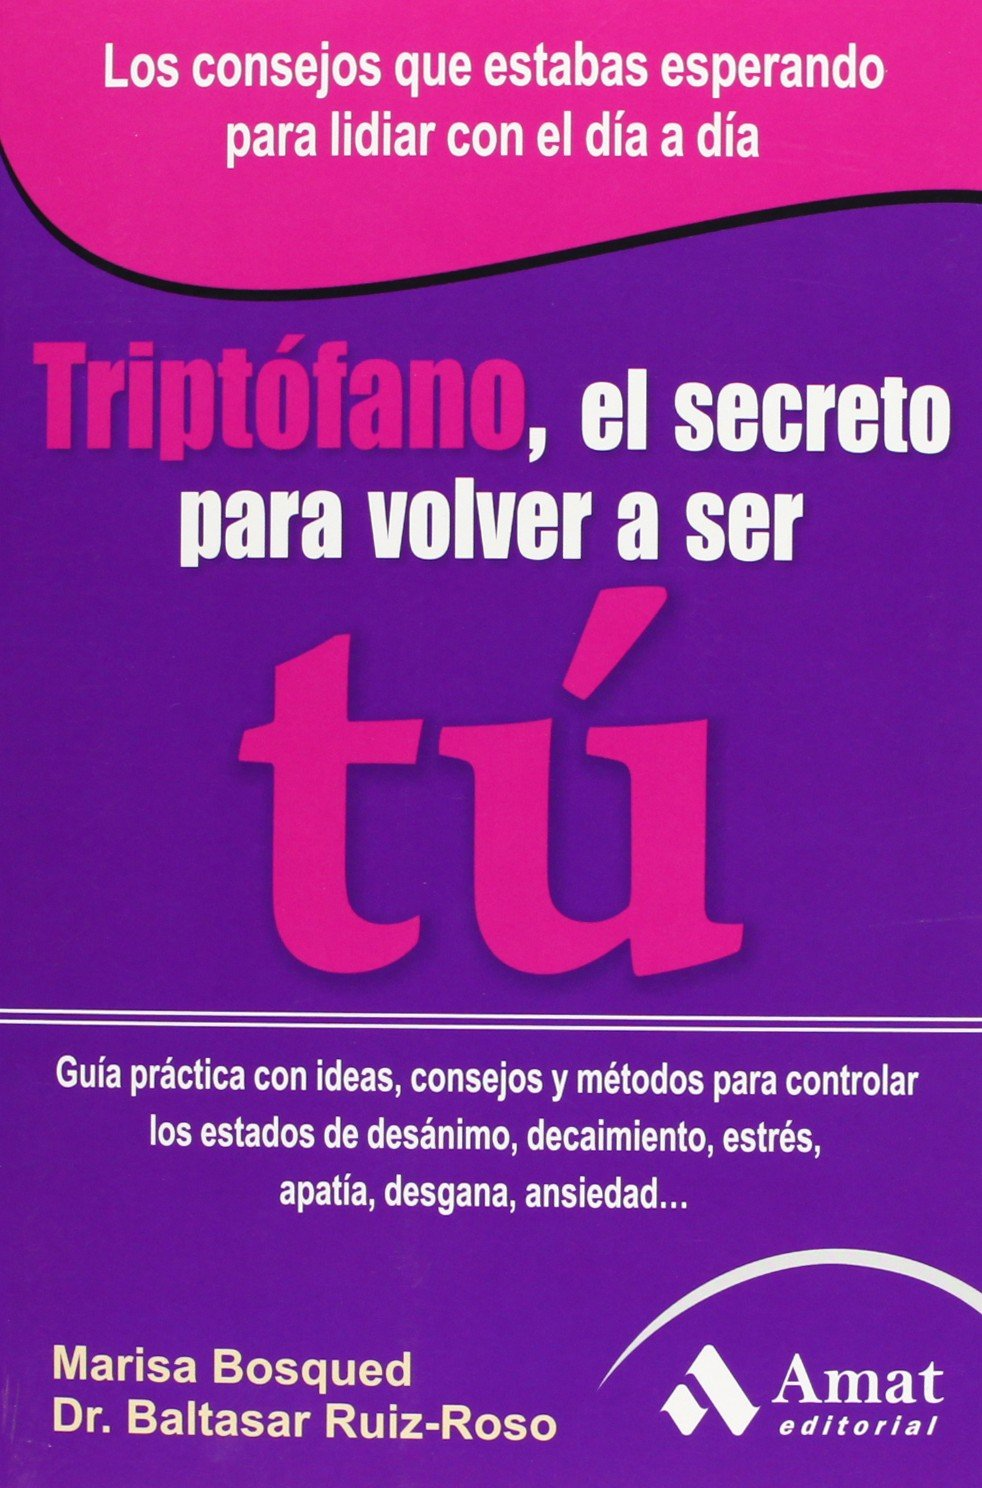 Triptófano, El Secreto Para Volver A Ser Tú: Amazon.es: María Luisa Bosqued Lorente, Baltasar Ruiz-Roso Calvo de Mora: Libros